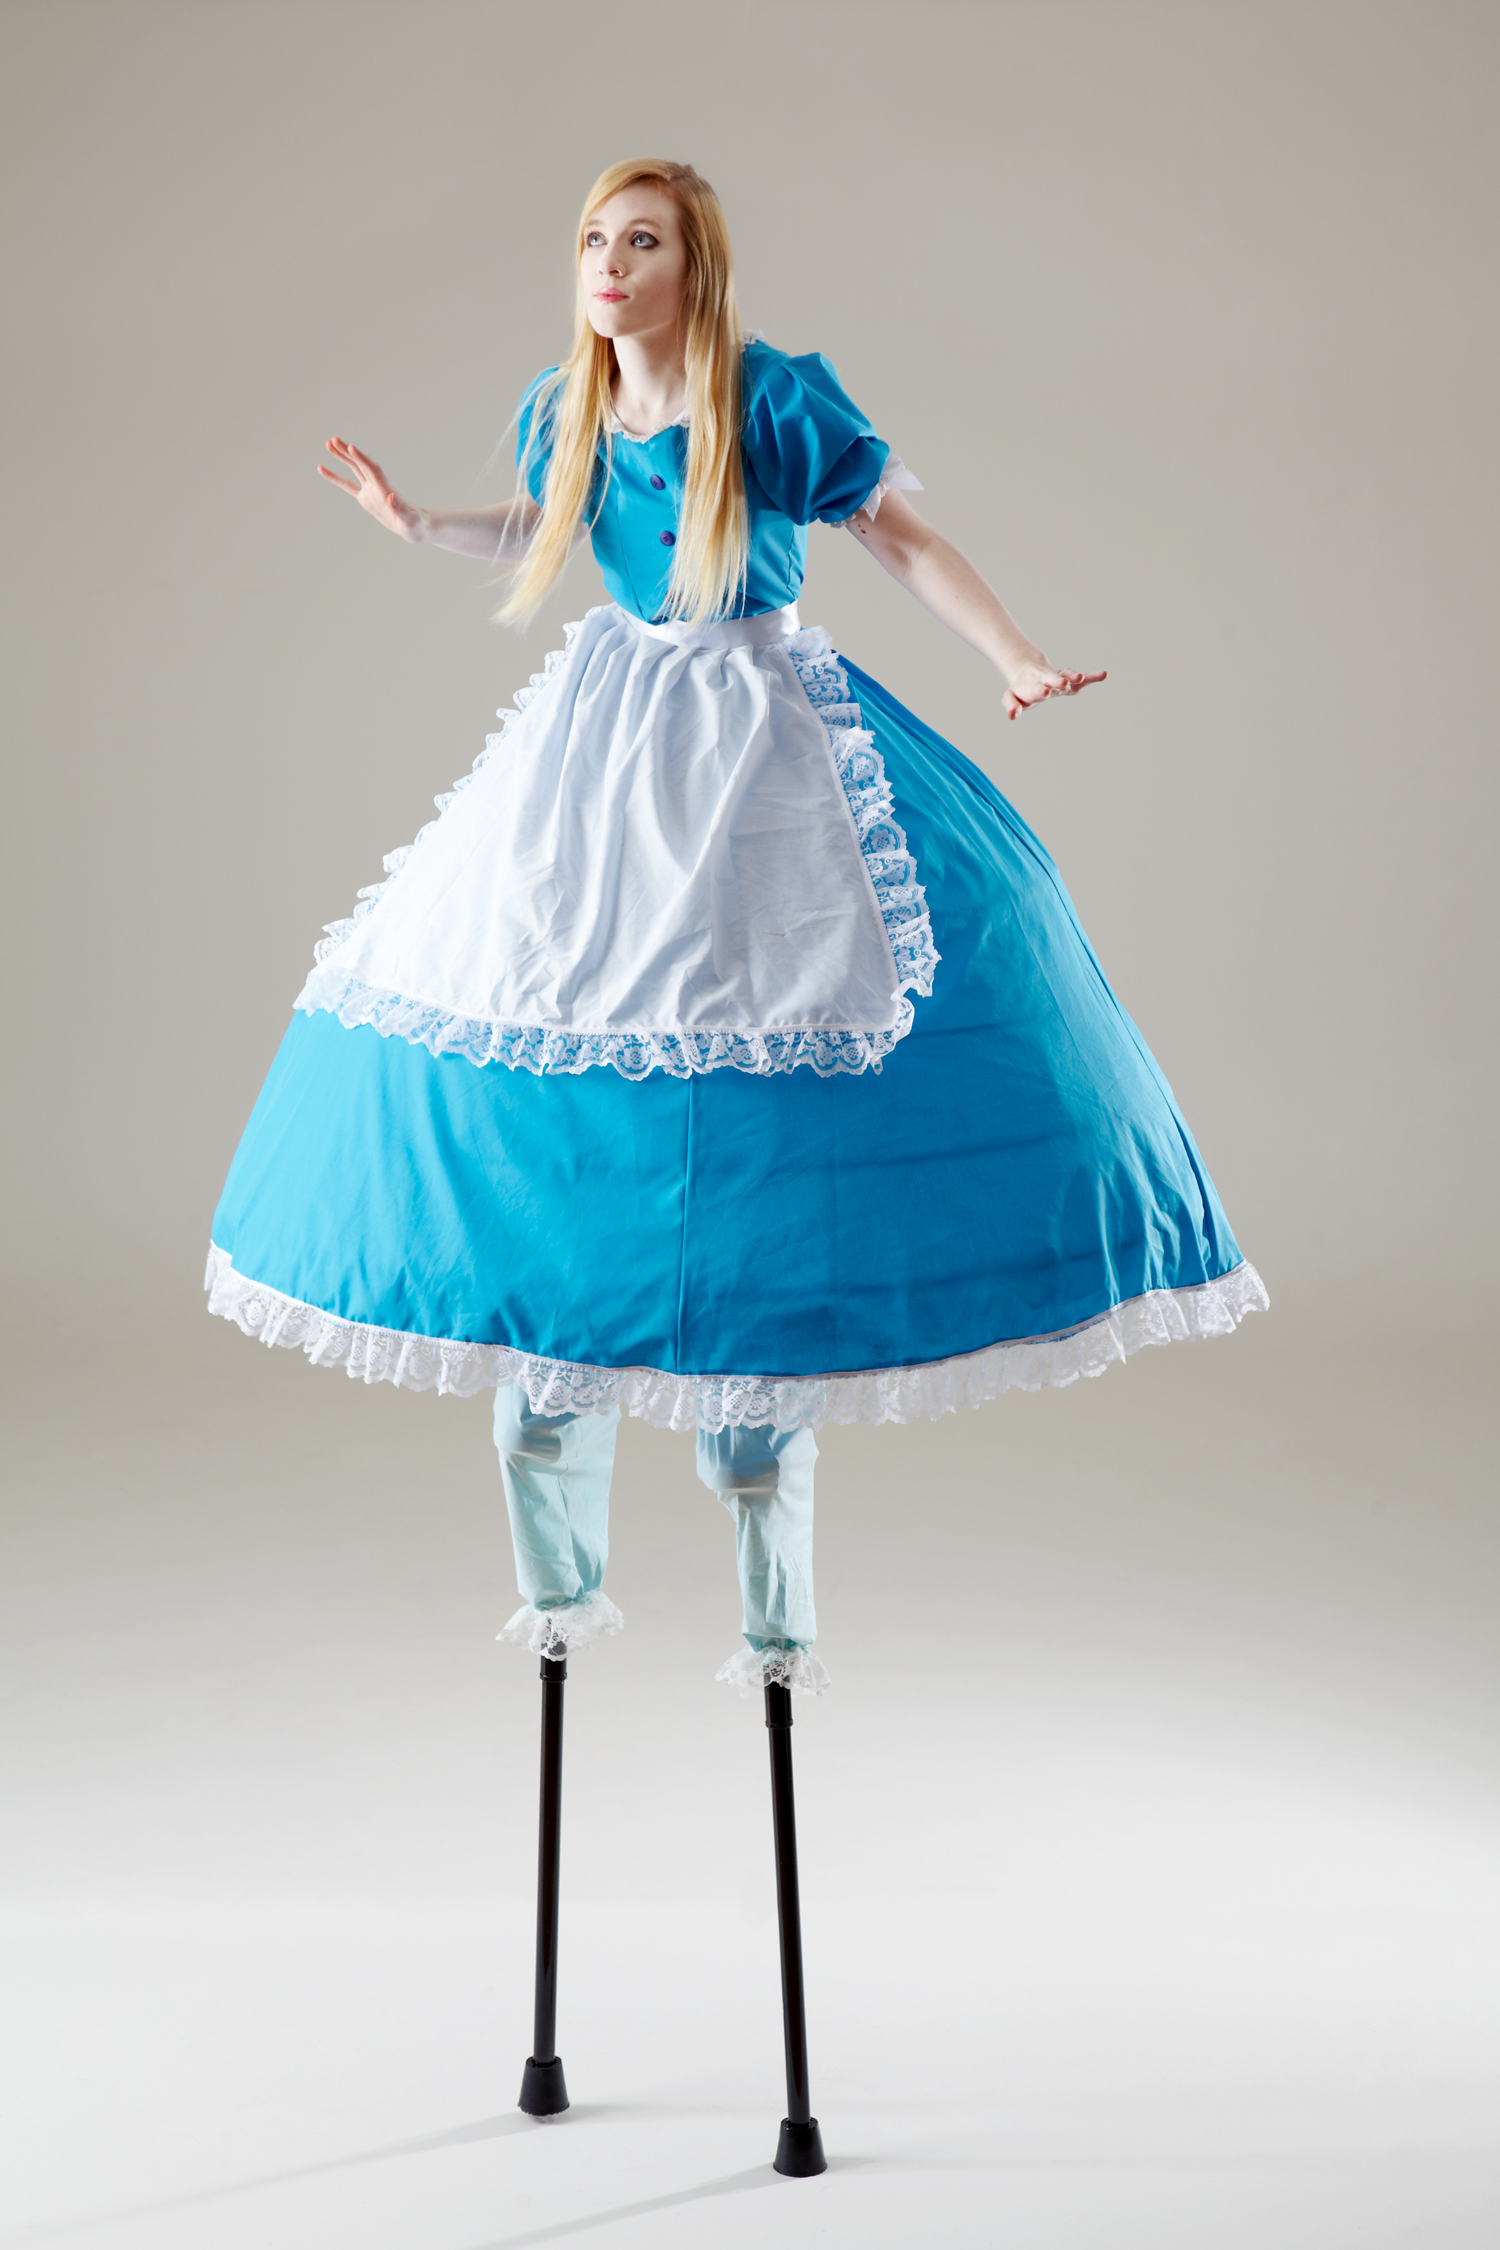 Wonderland-134